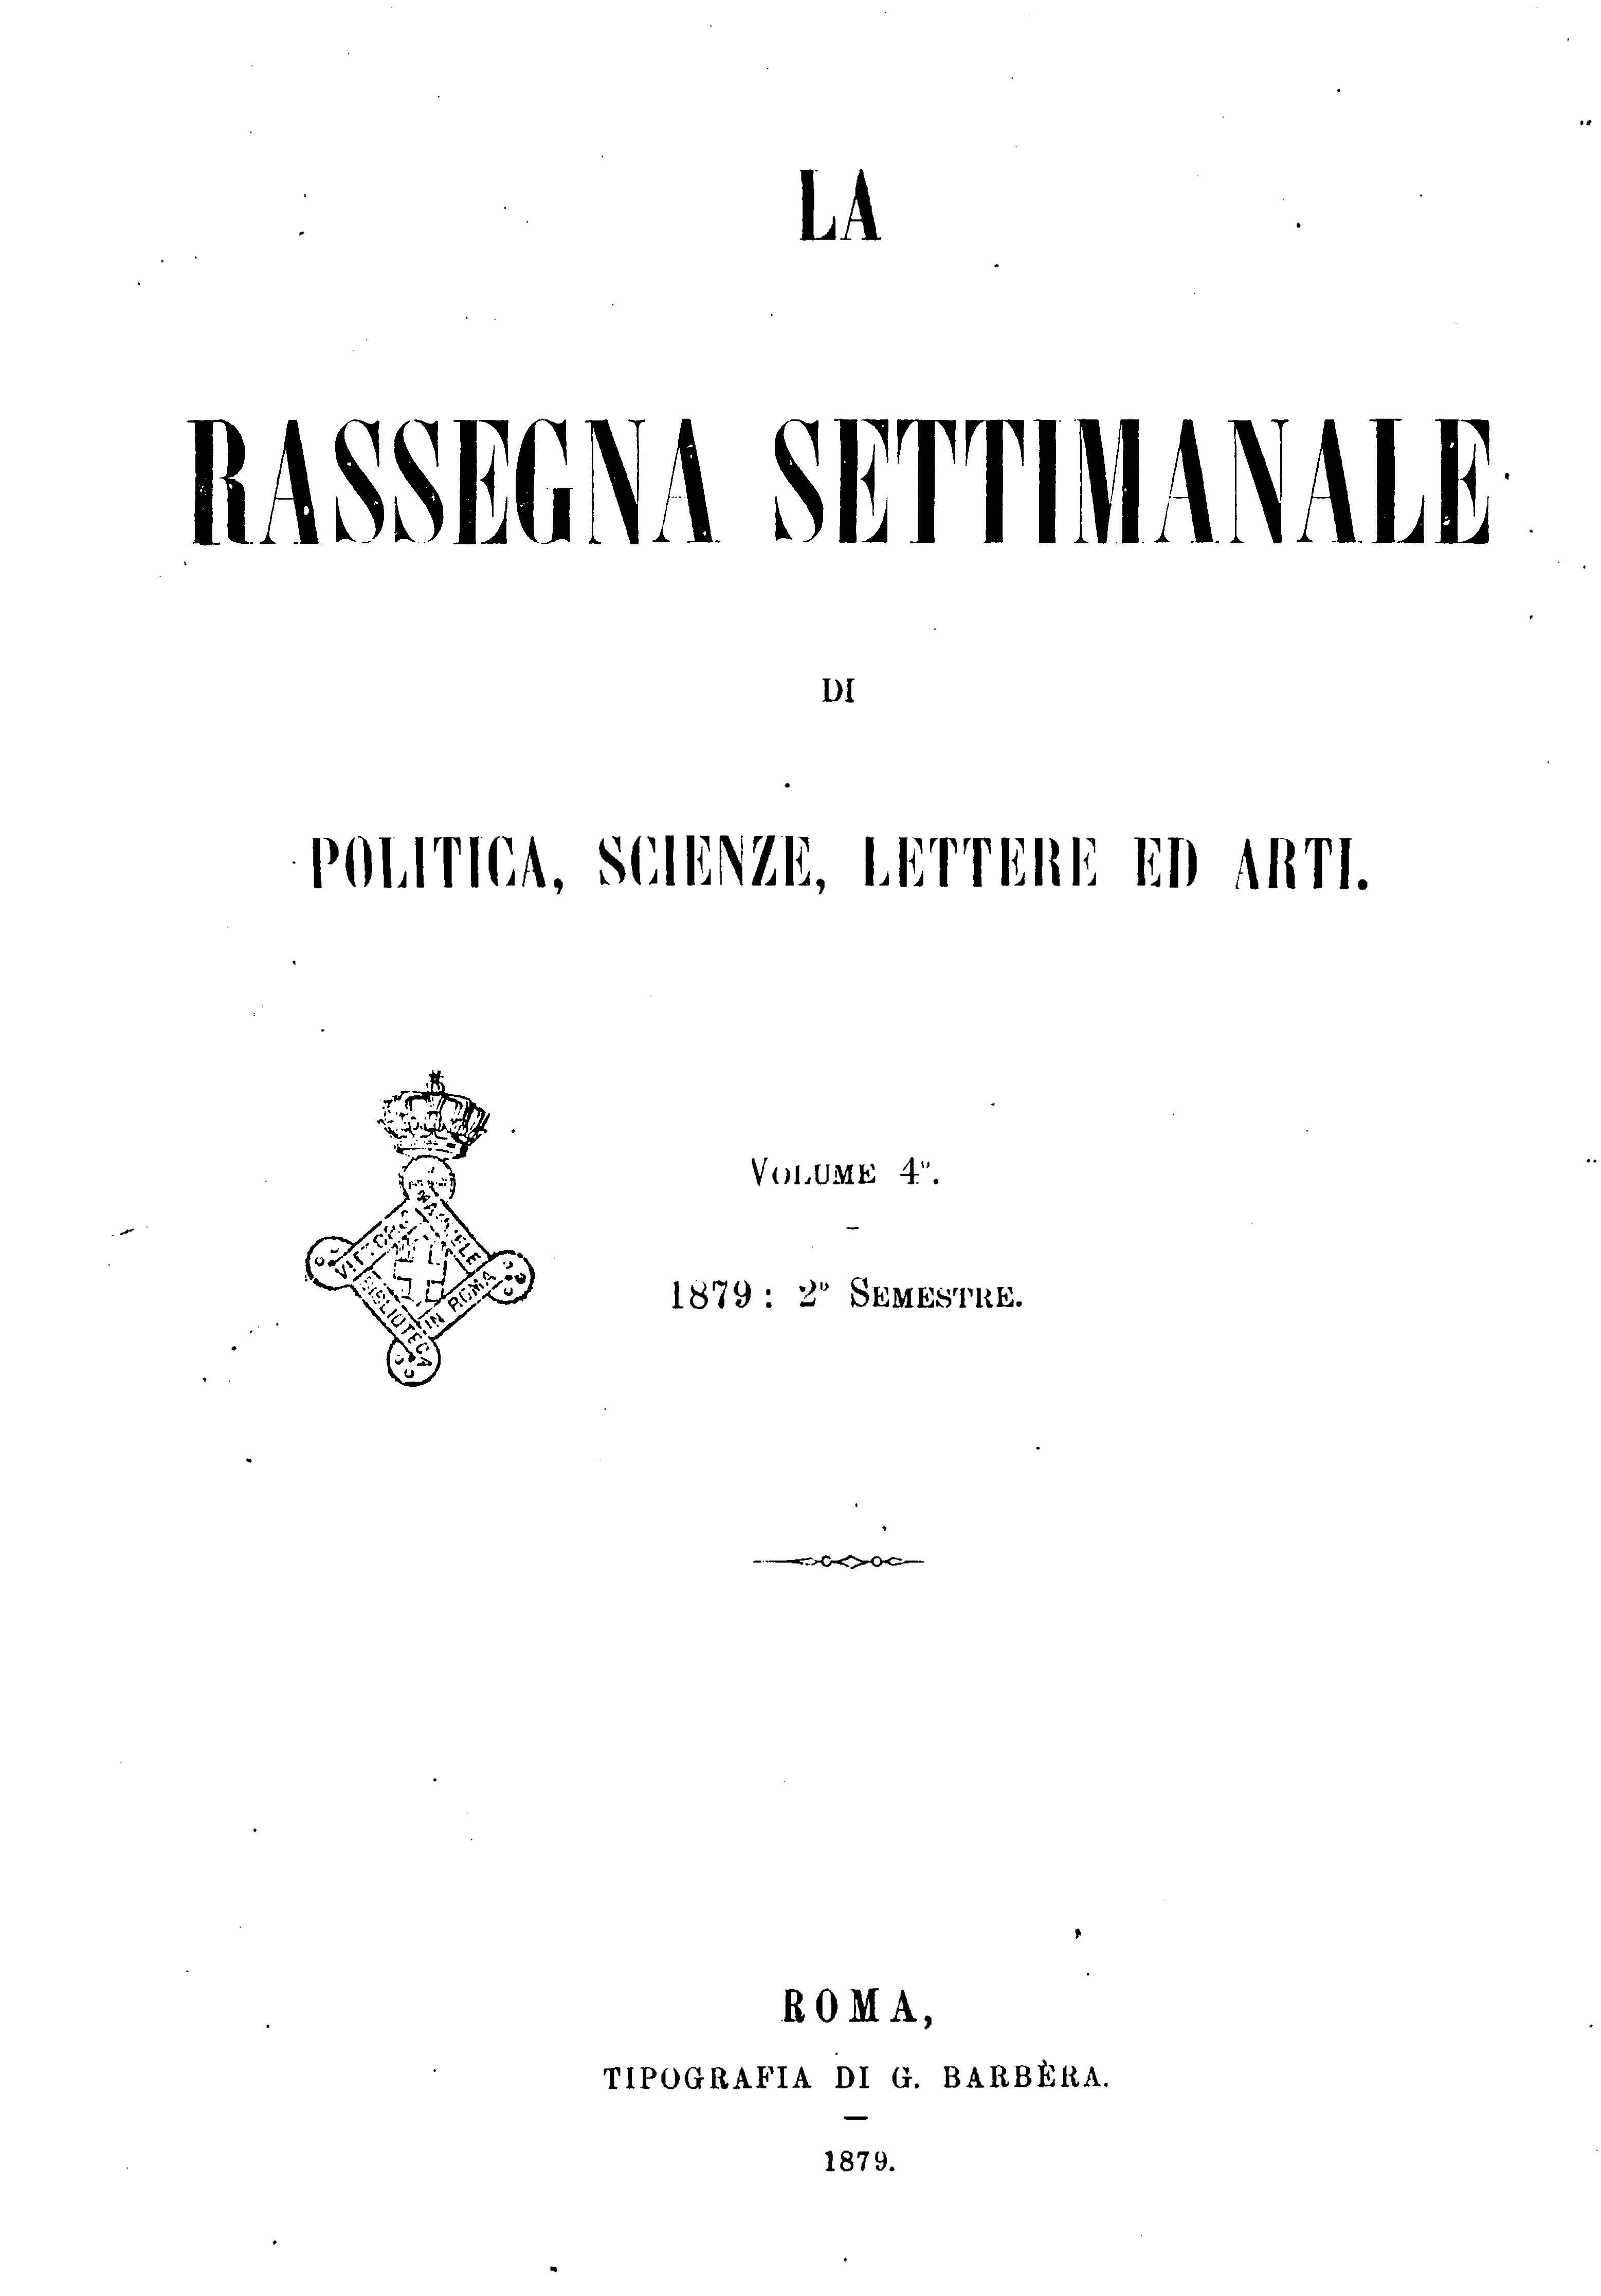 Fascicolo 102 - Volume 4 - 1879 - Semestre 2 - Trimestre 2